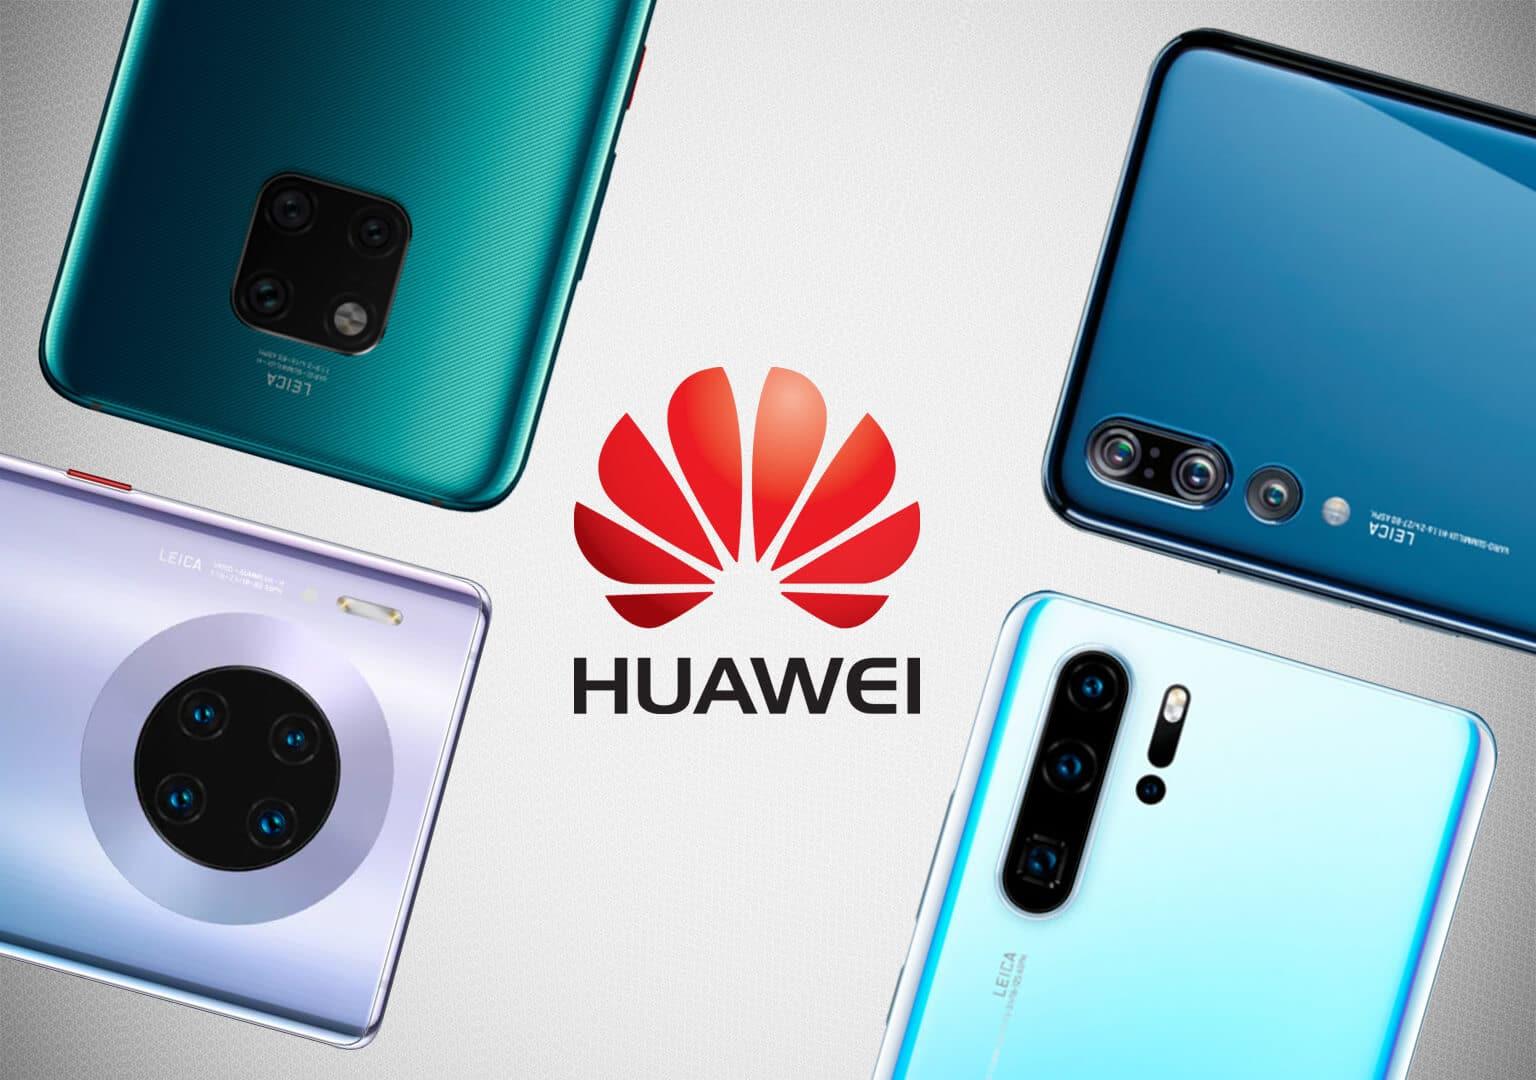 Wie sieht die Smartphone-Zukunft von Huawei aus?